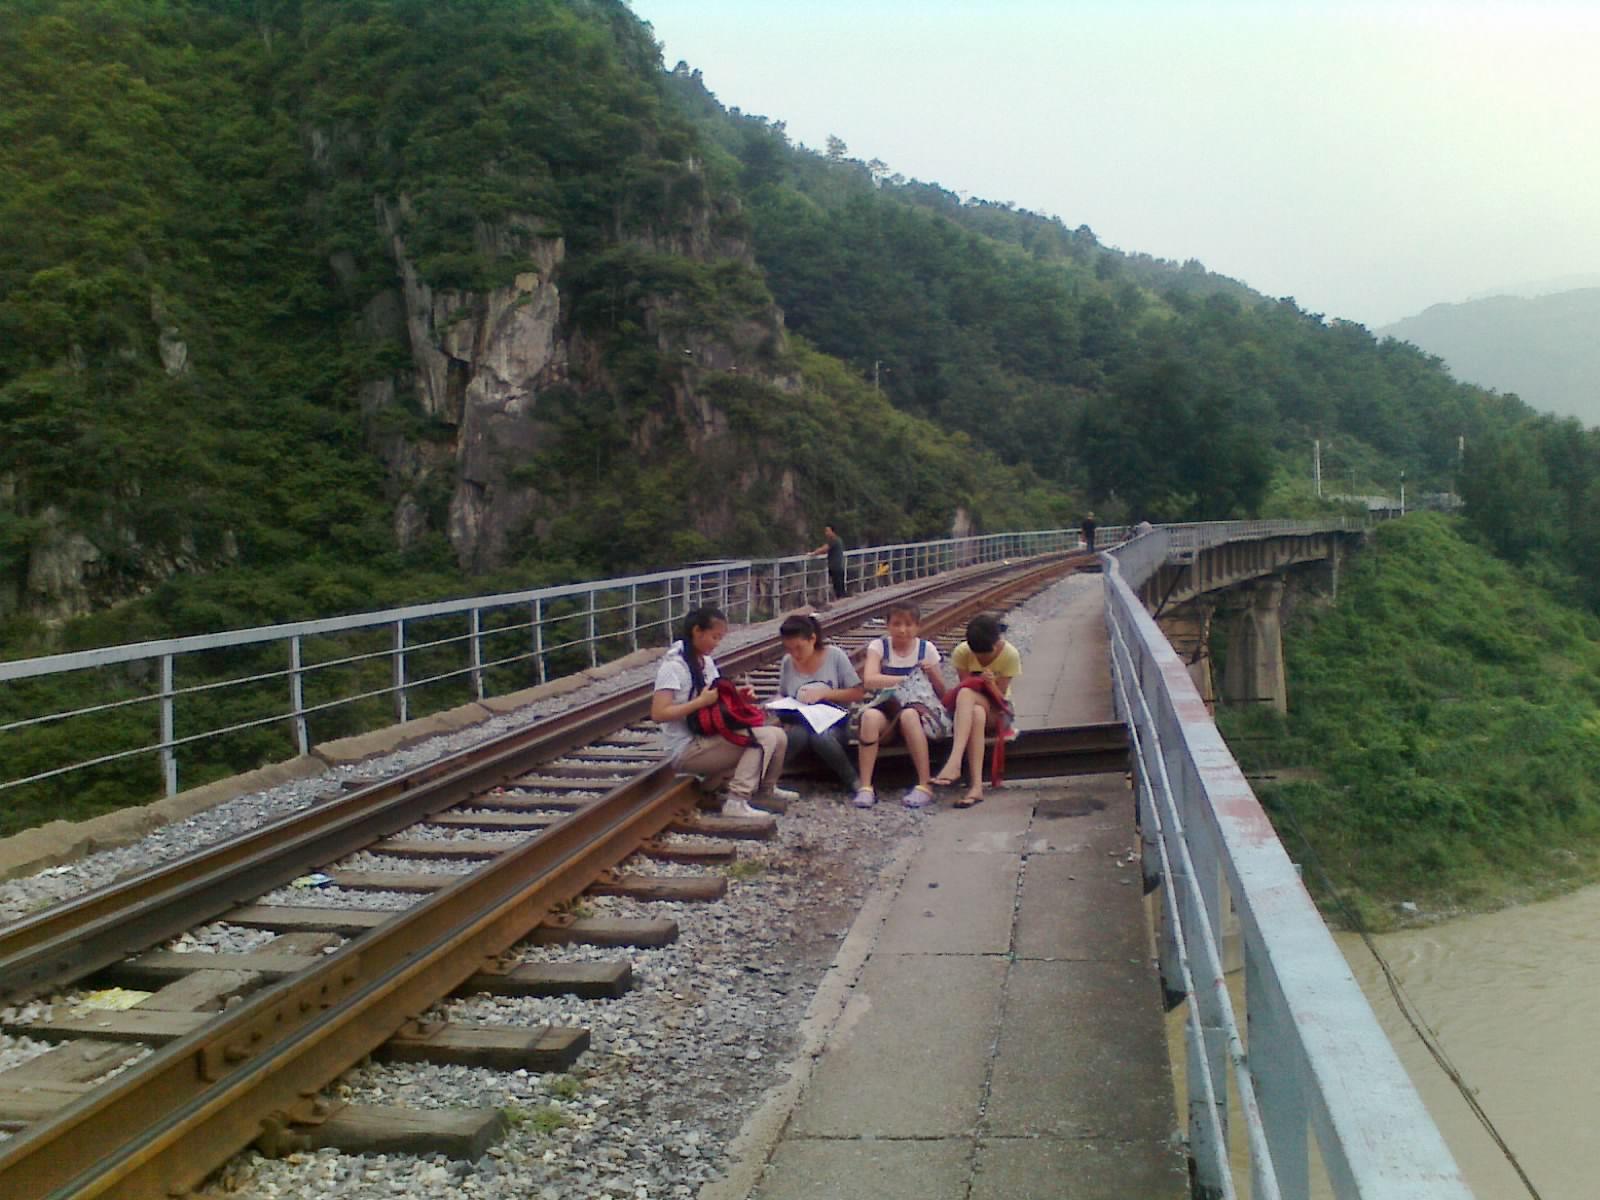 在火车轨道上学习,这四个小女生是肿么了 略阳一中吧 百度贴吧